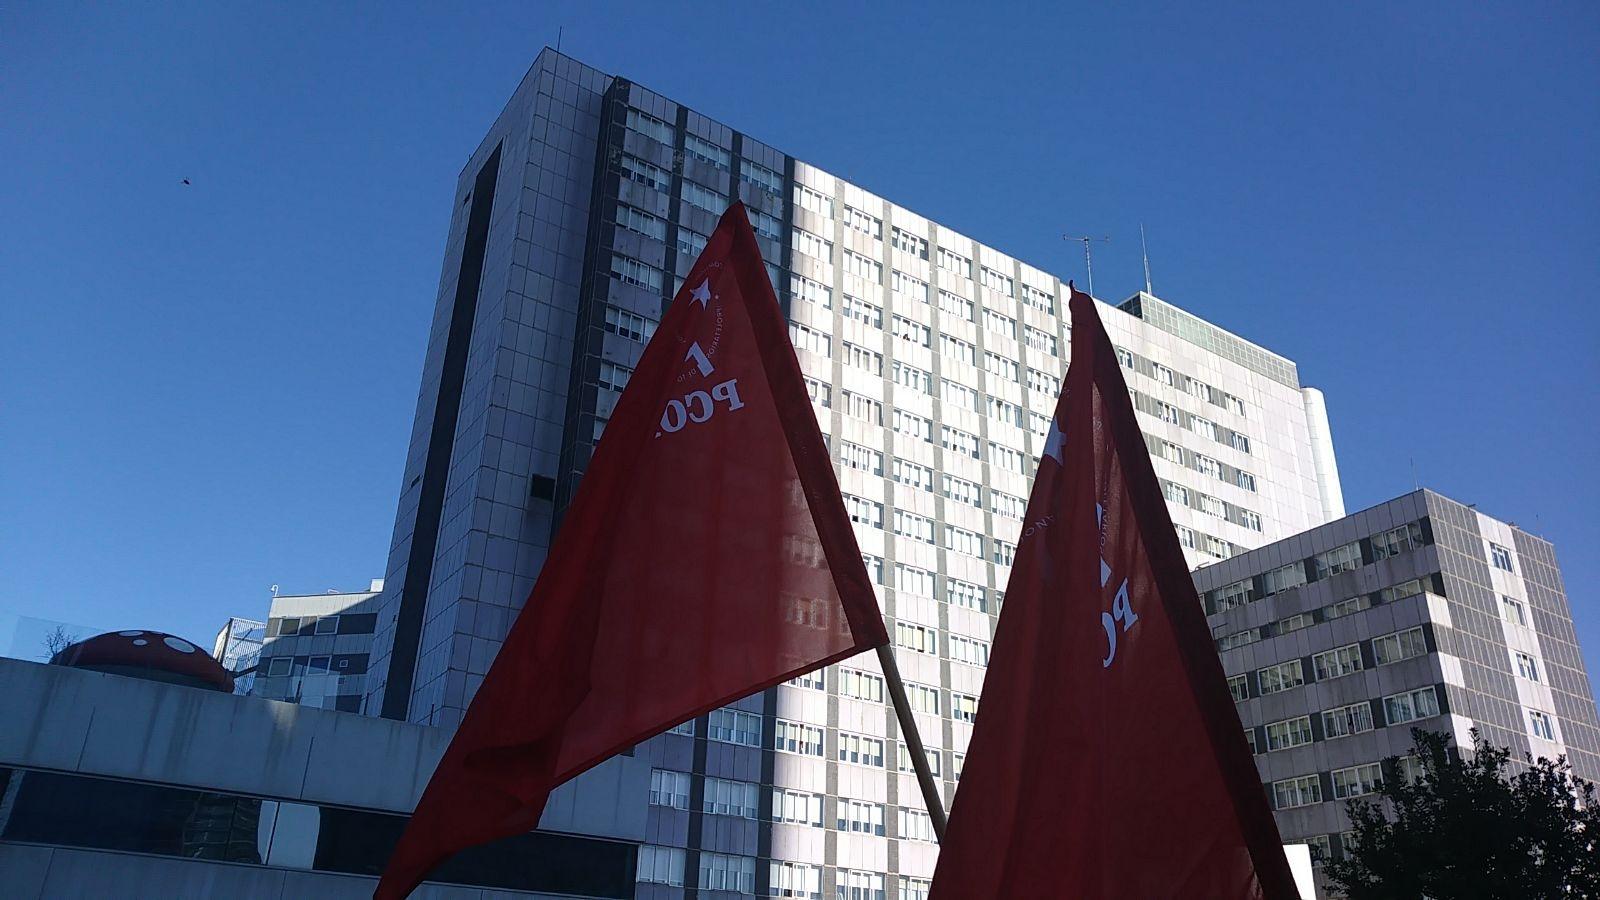 El pasado domingo 21 de enero el PCOE asistió a la manifestación en favor a la sanidad pública en el hospital la Paz de Madrid. Denunciamos el claro deterioro que sufre…